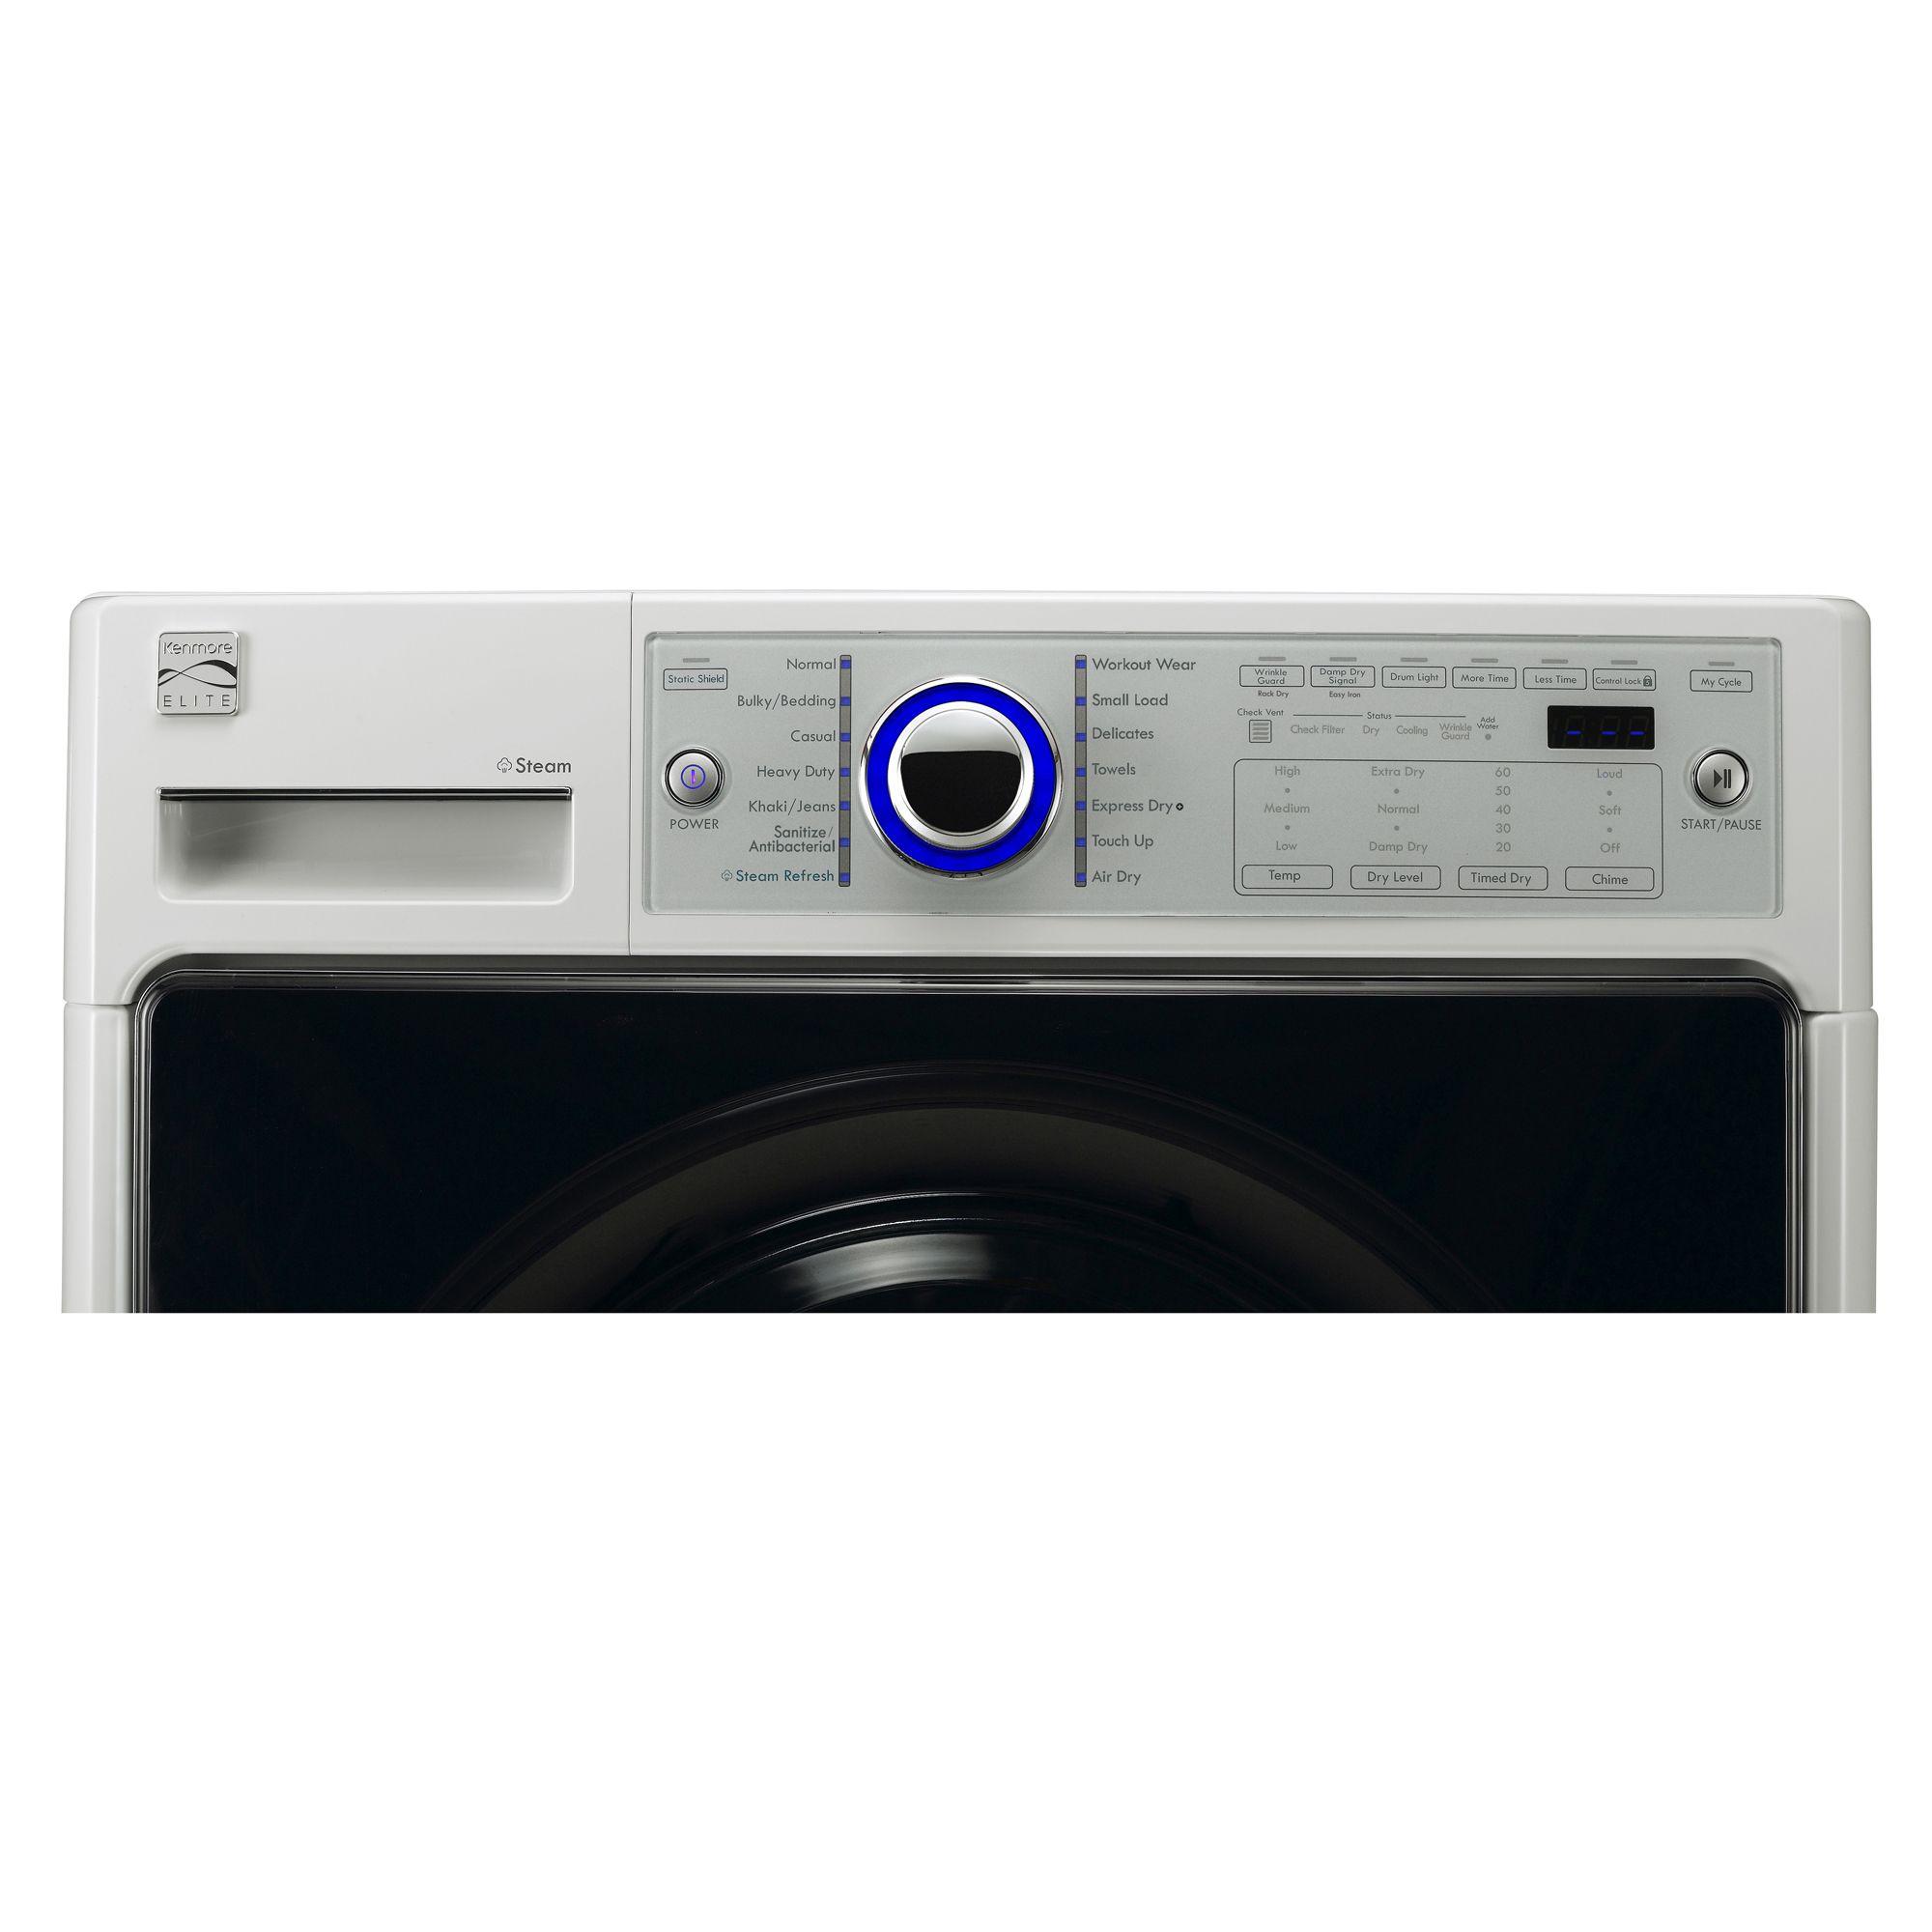 Kenmore Elite Elite 7.4 cu. ft. Gas Steam Dryer - White